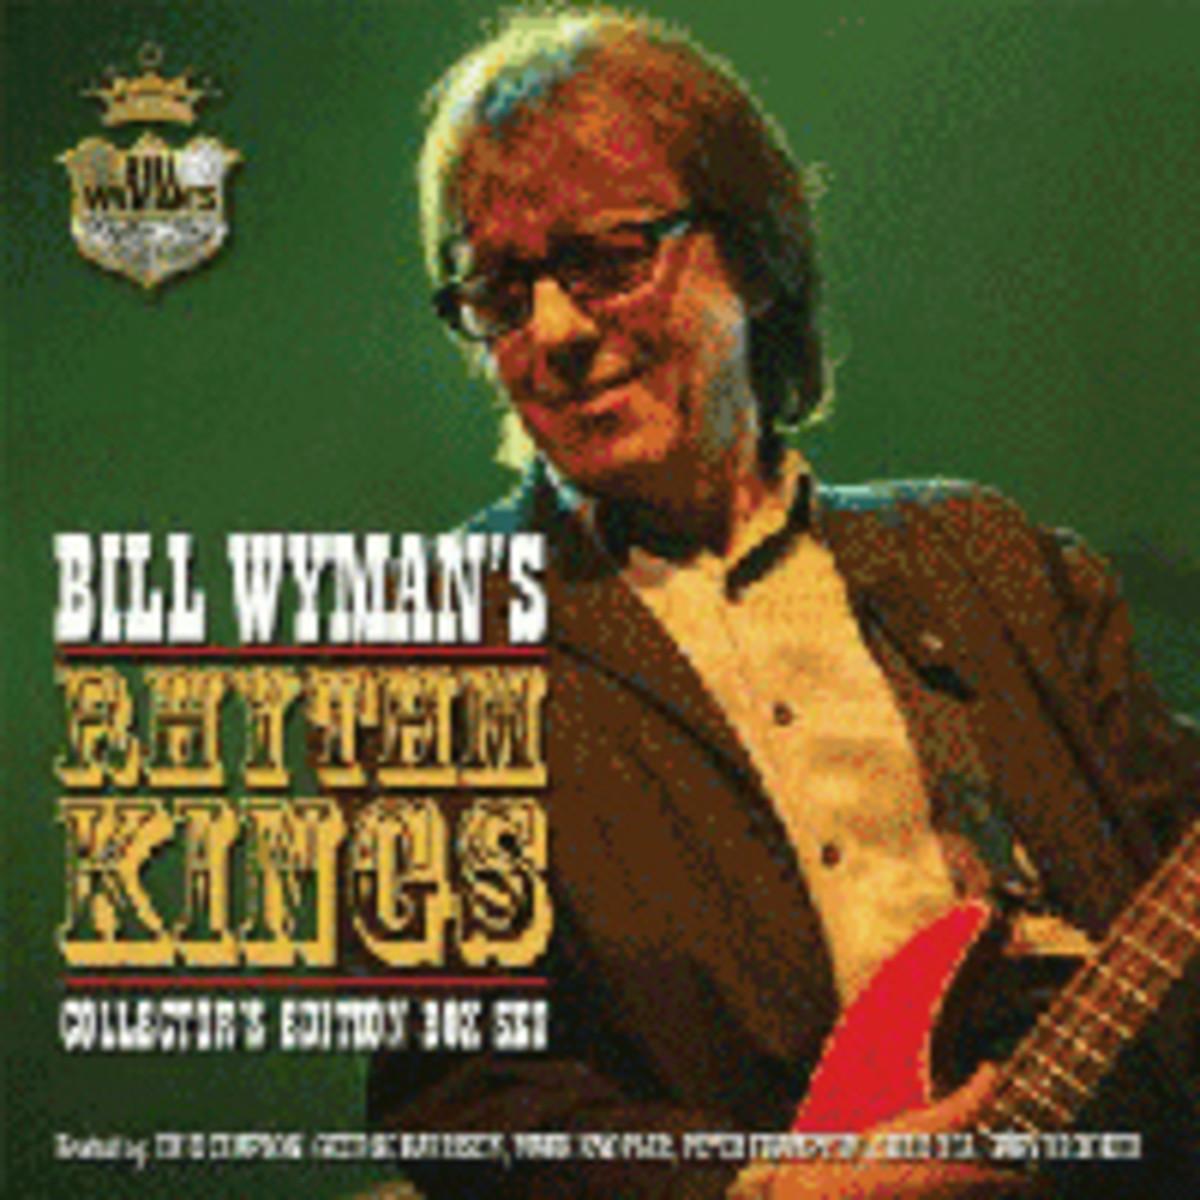 Bill Wyman's Rhythm Kings